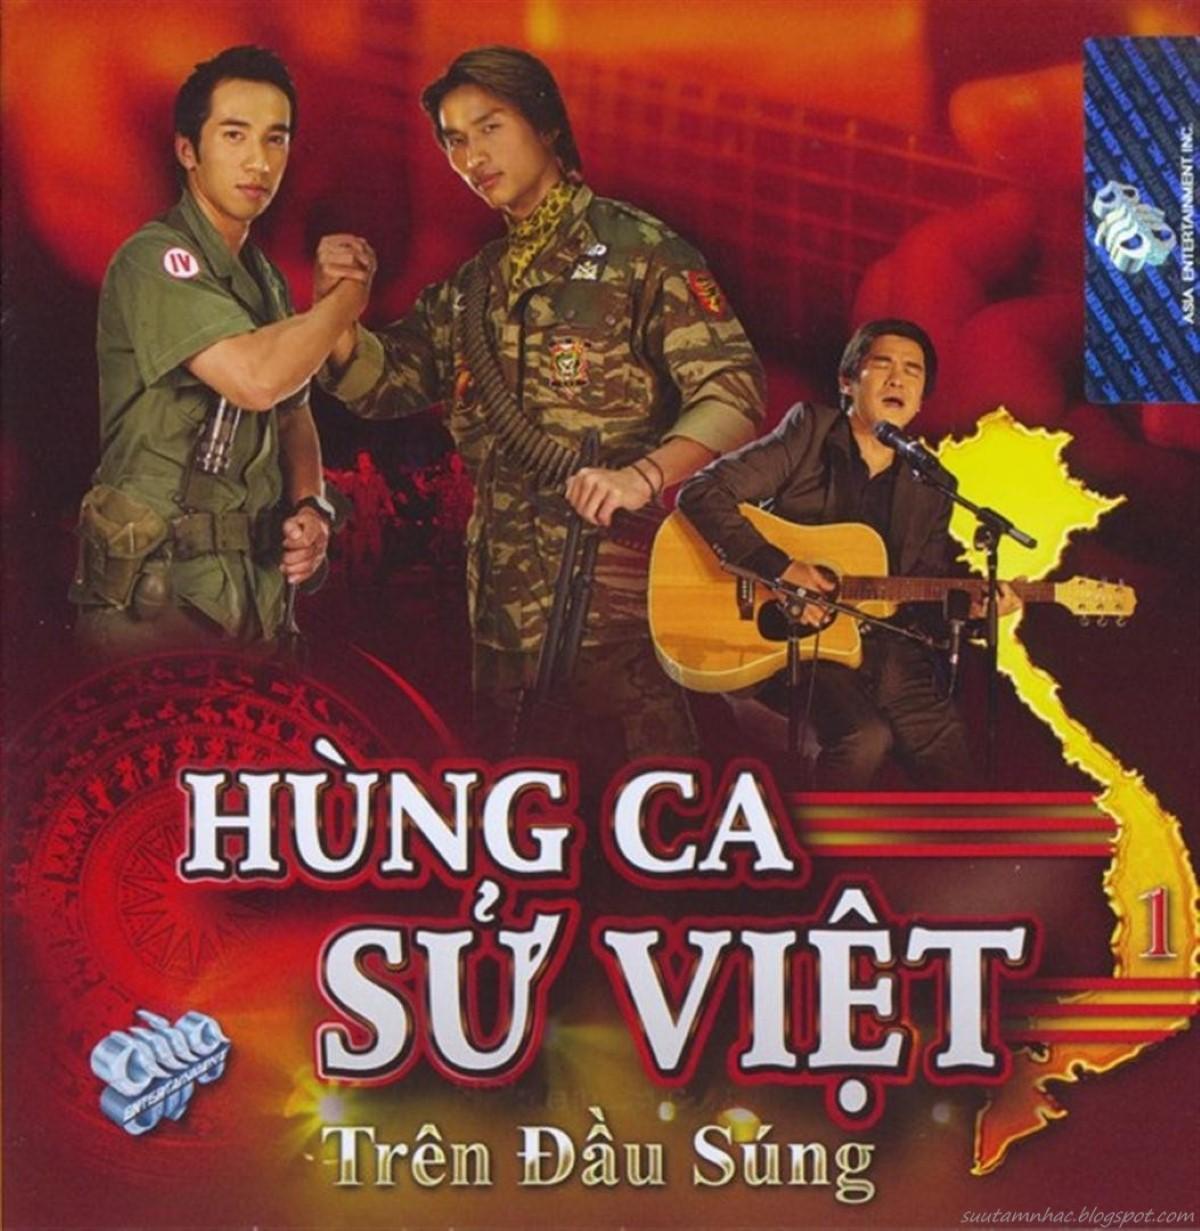 Hùng Ca Sử Việt - Thề Không Phản Bội Quên Hương